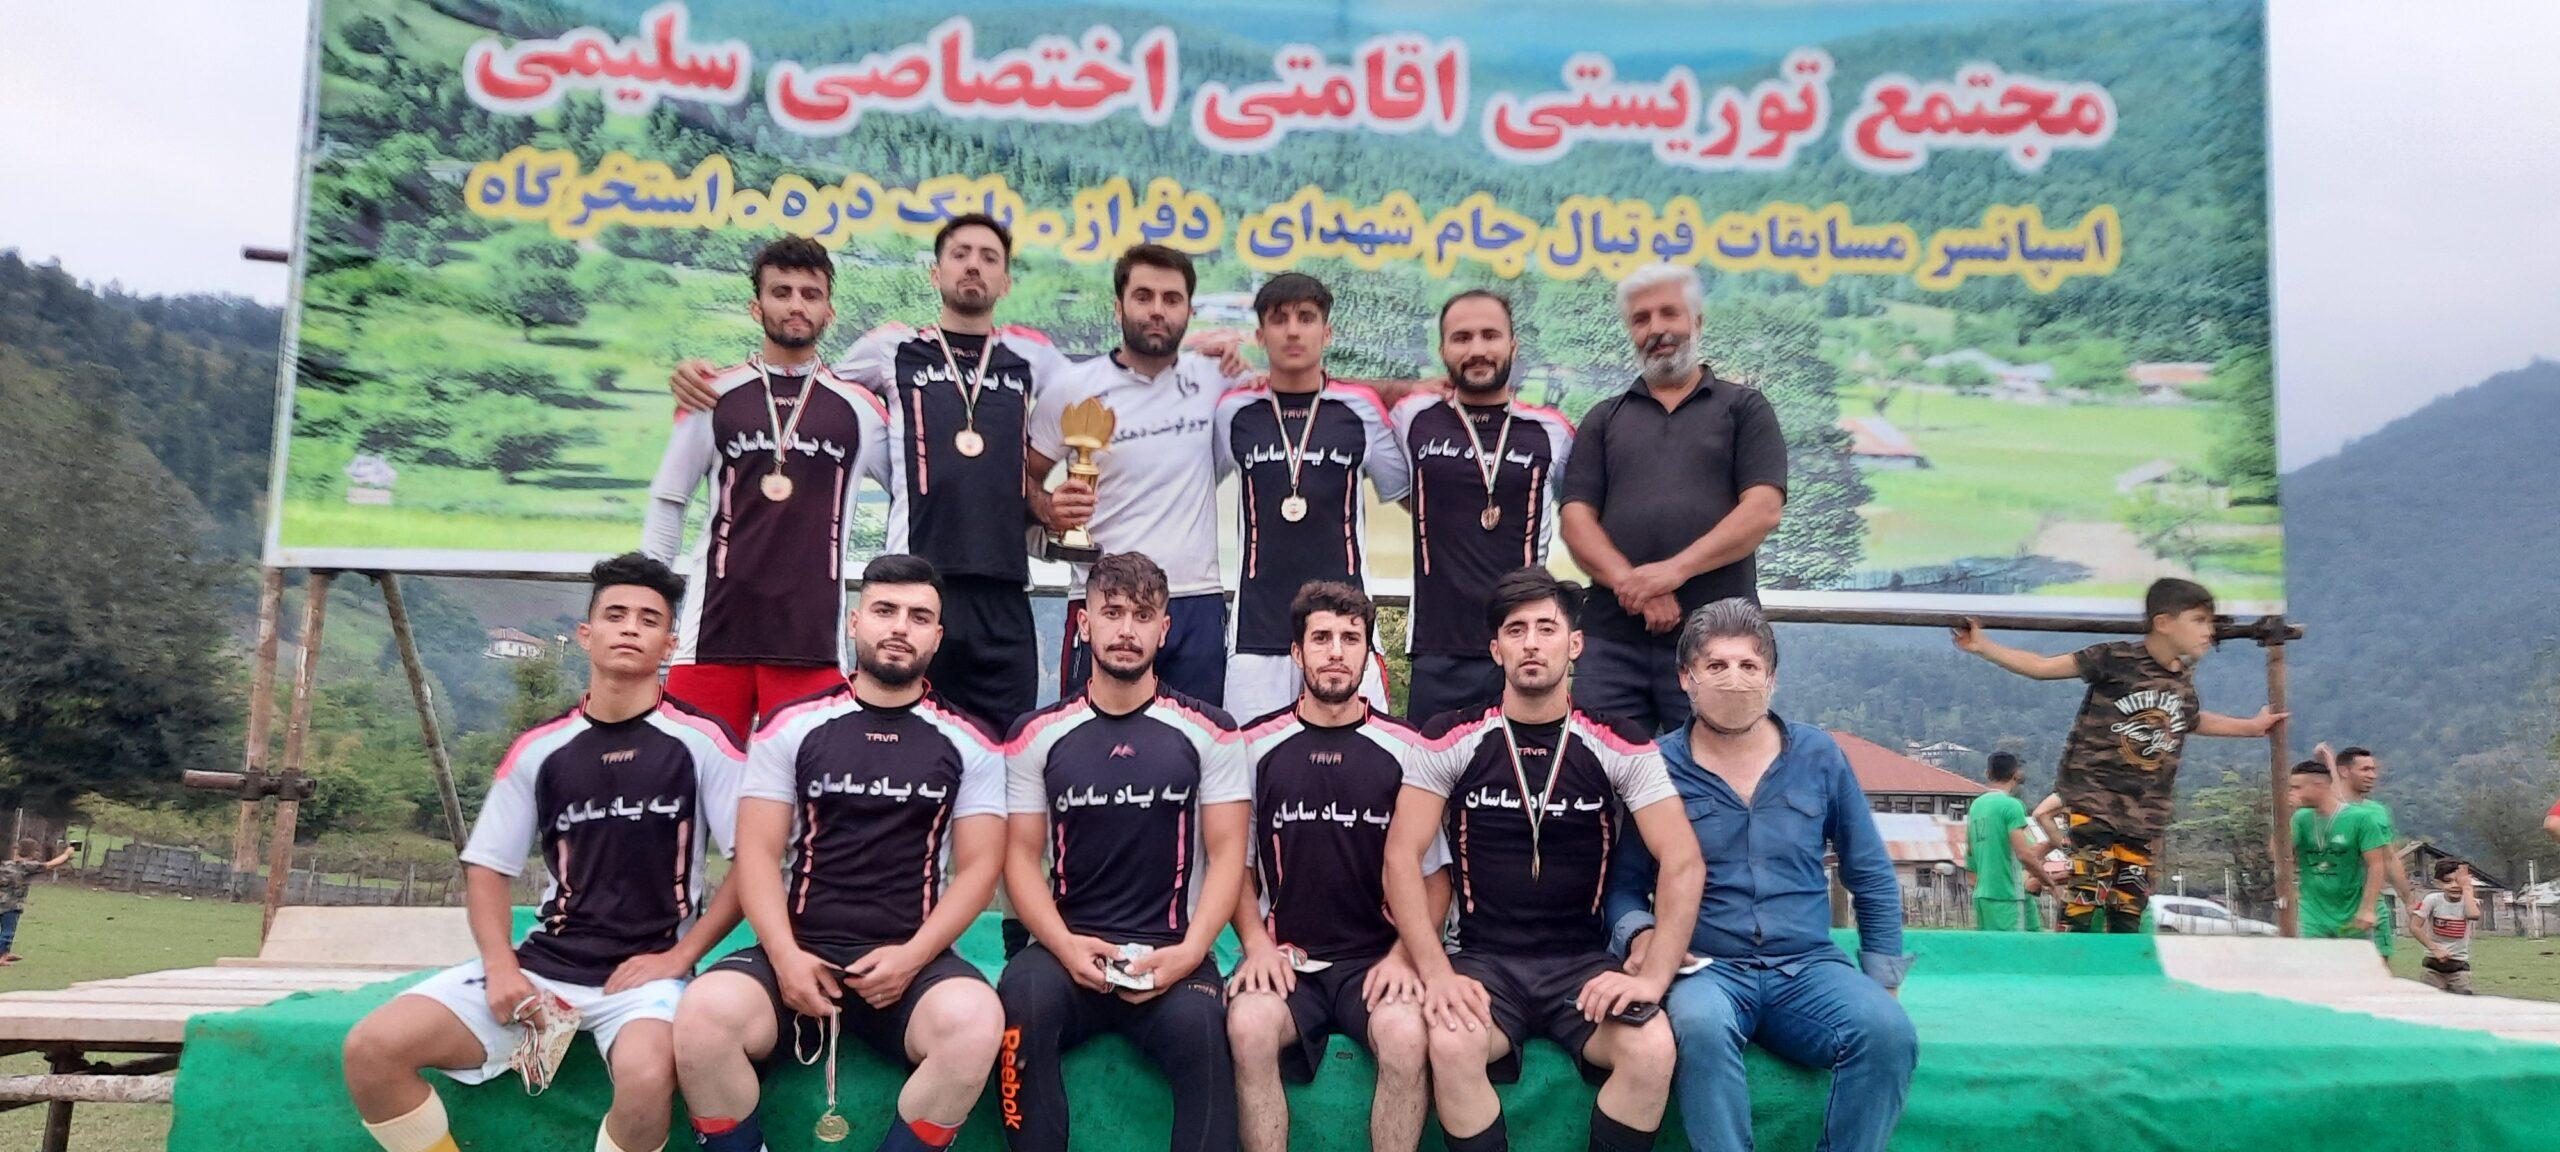 تیم فوتبال بیاد ساسان قهرمان مسابقات مینی فوتبال دفراز شد